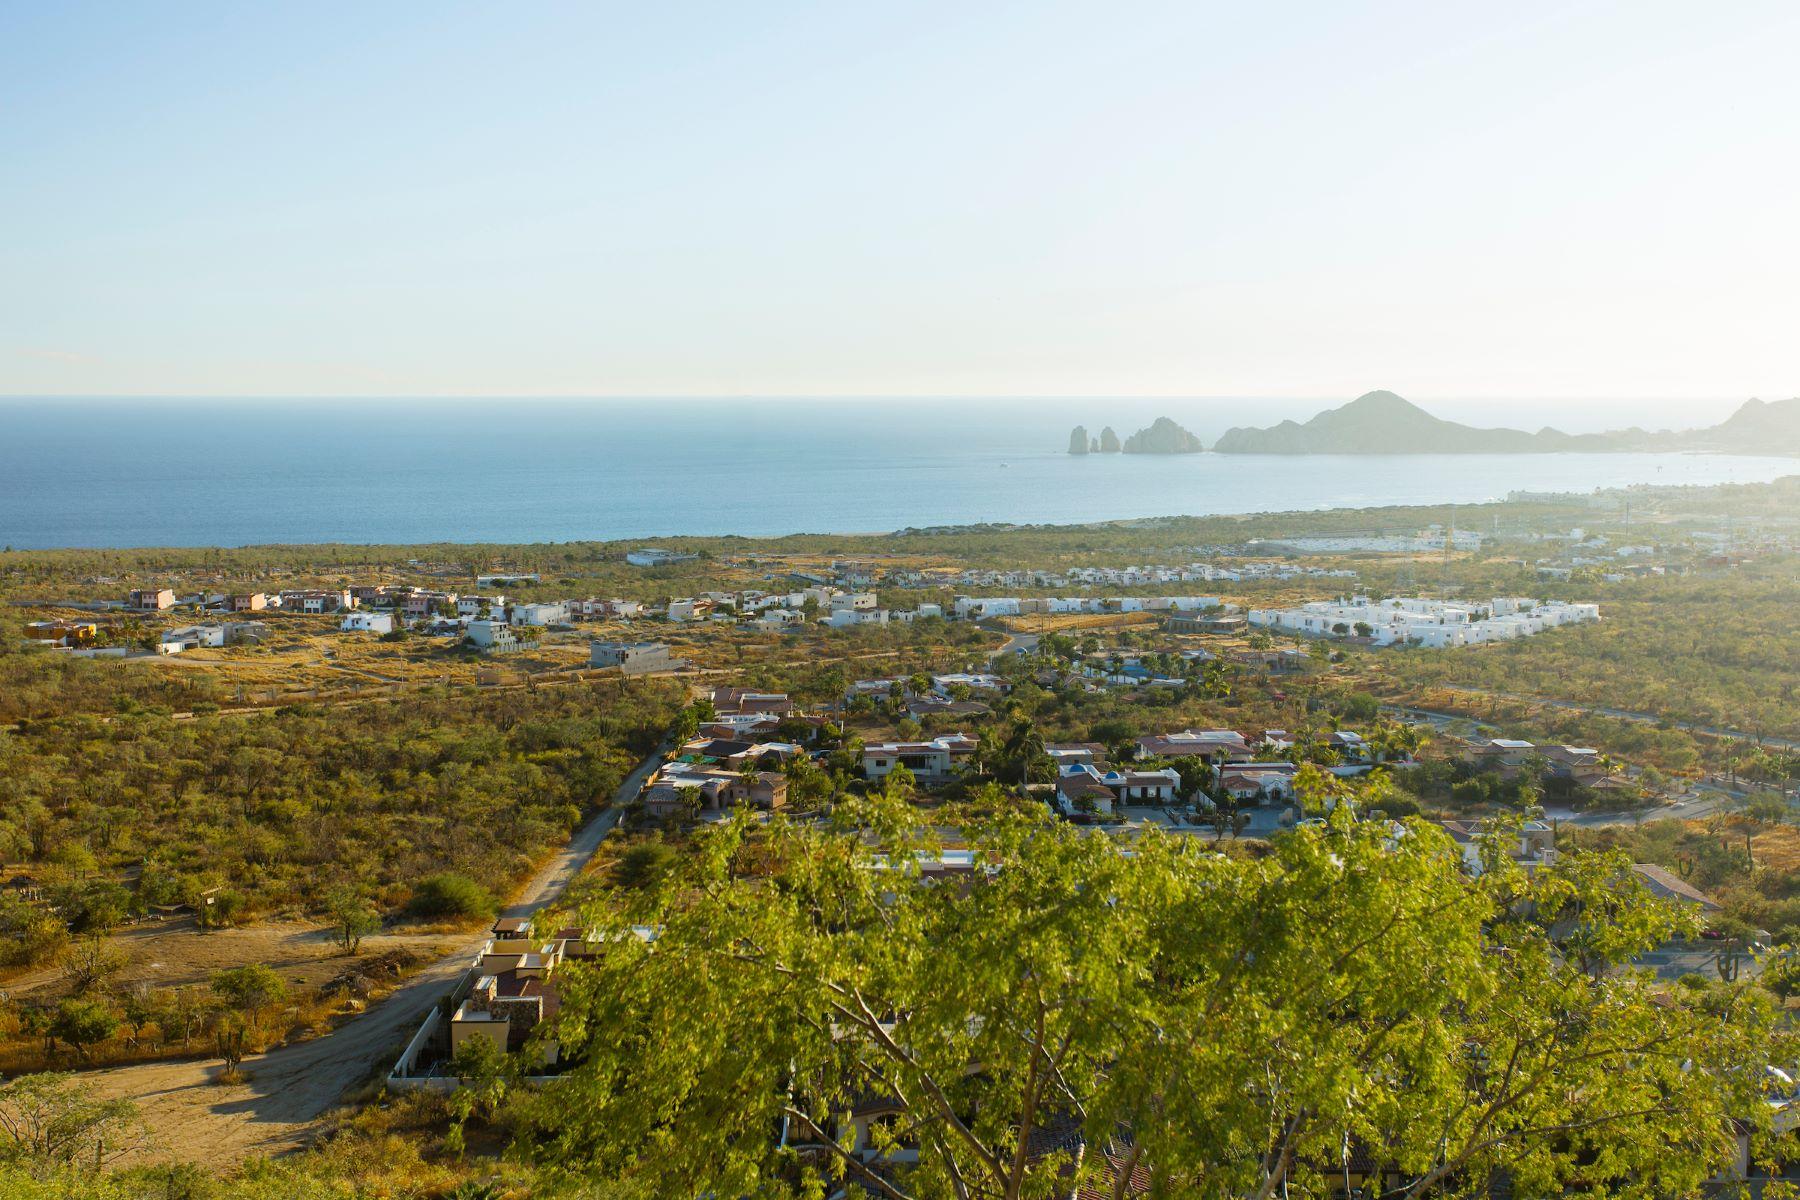 Terreno por un Venta en Rancho Paraiso Heights E-13 Cabo San Lucas, Baja California Sur México